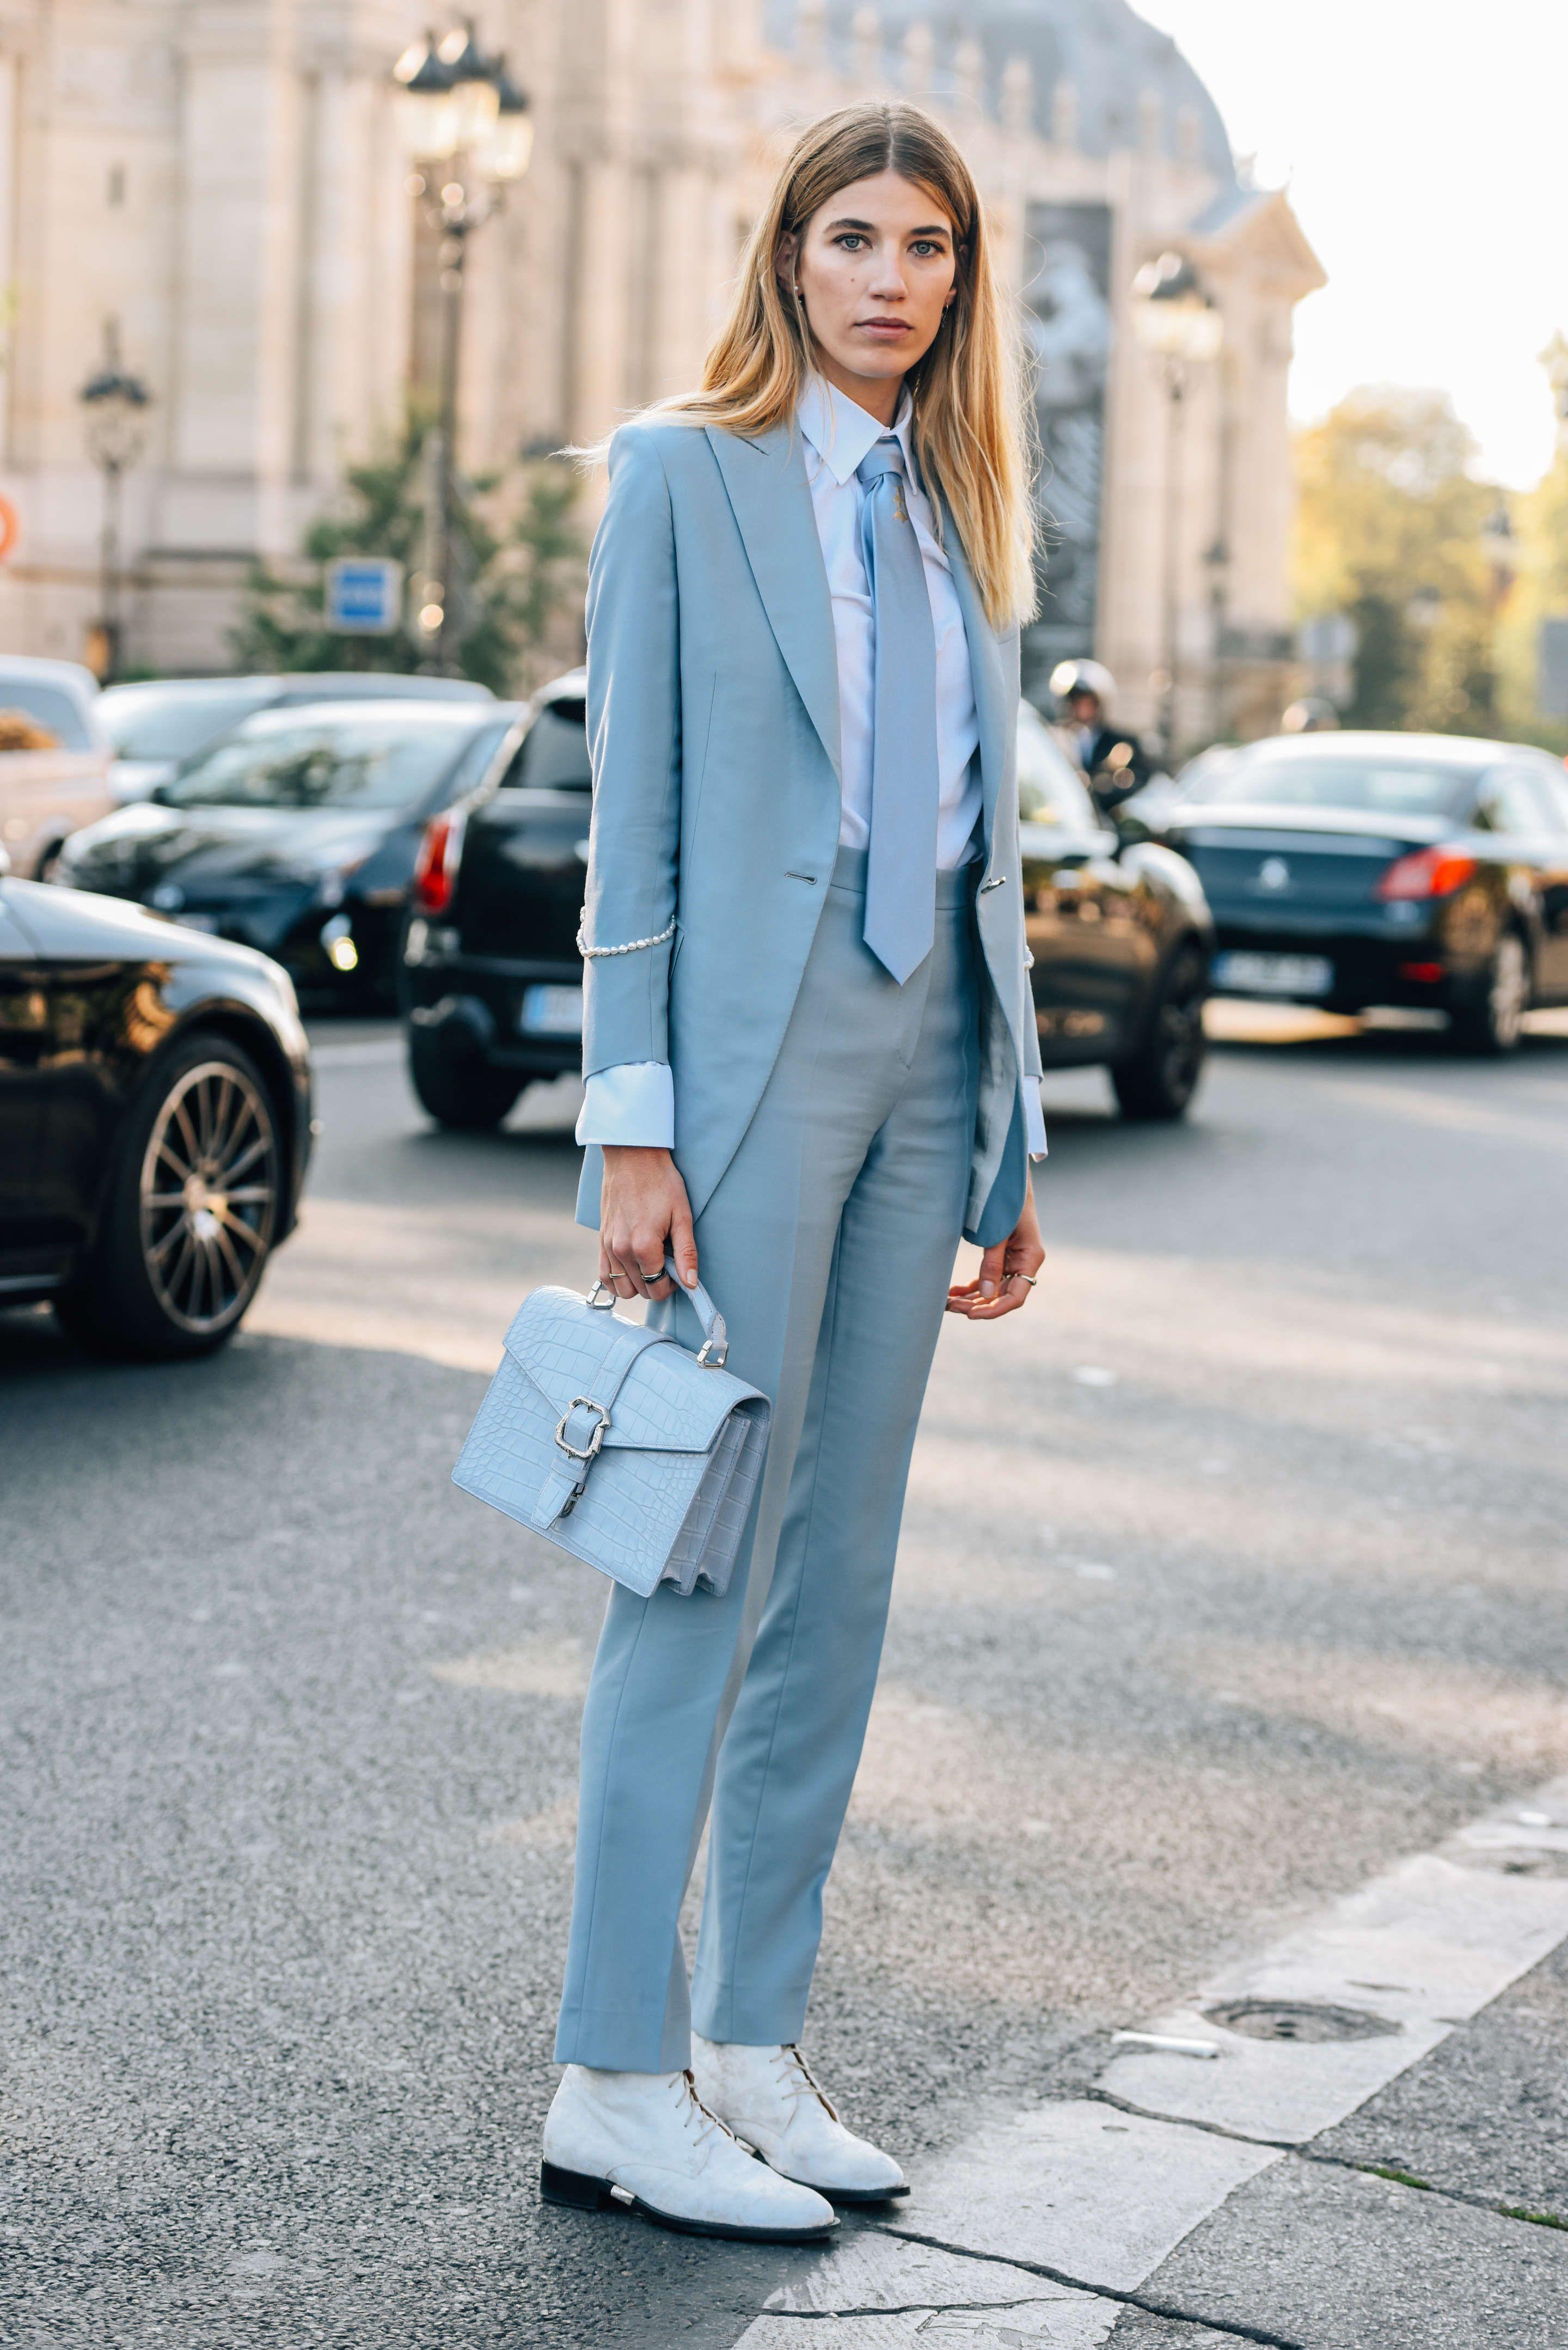 món đồ thời trang cô gái diện bộ suit và túi xách cùng tông